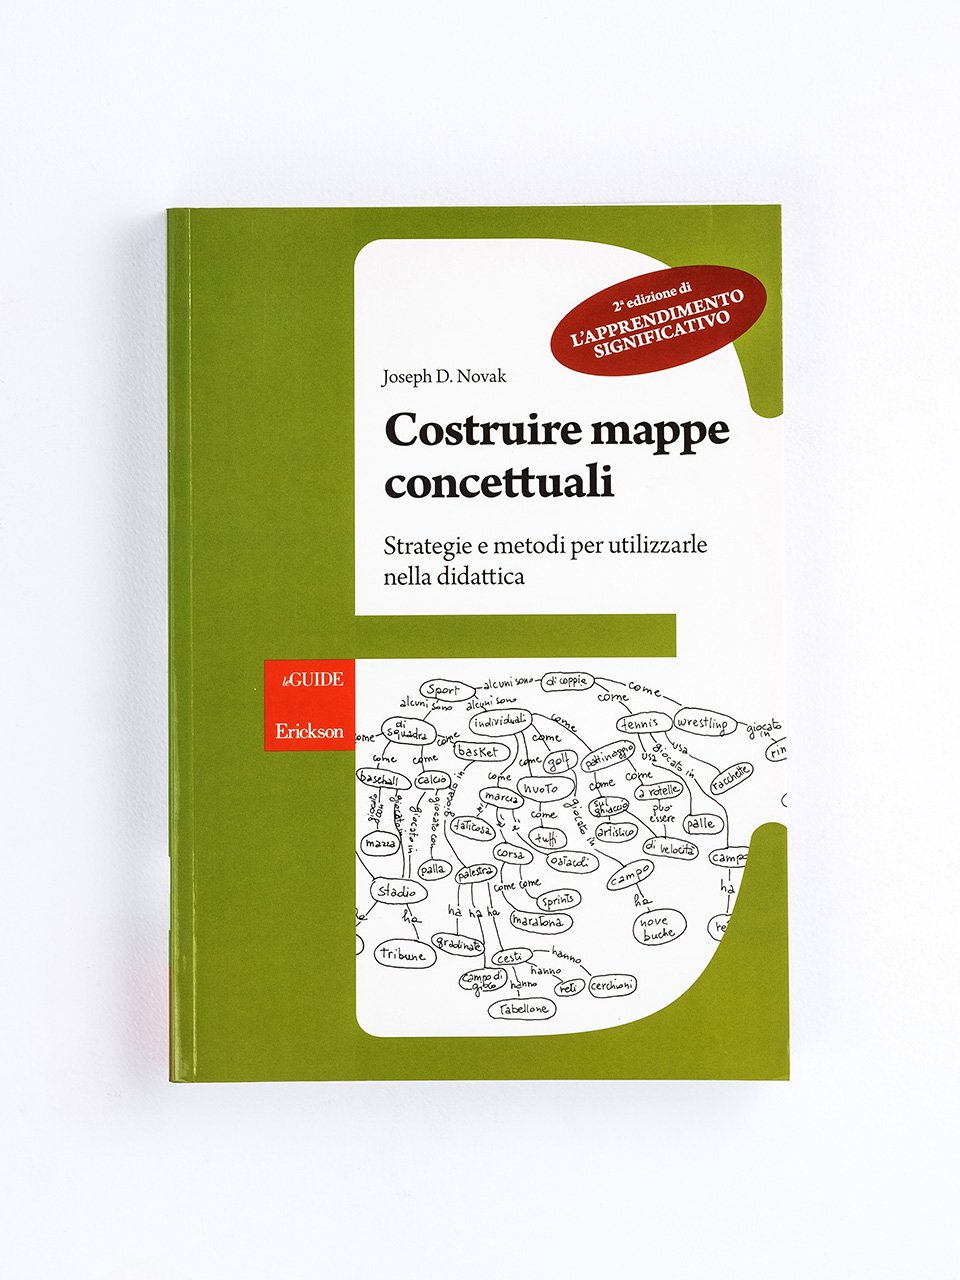 Costruire mappe concettuali - IperMAPPE 2 - App e software - Erickson